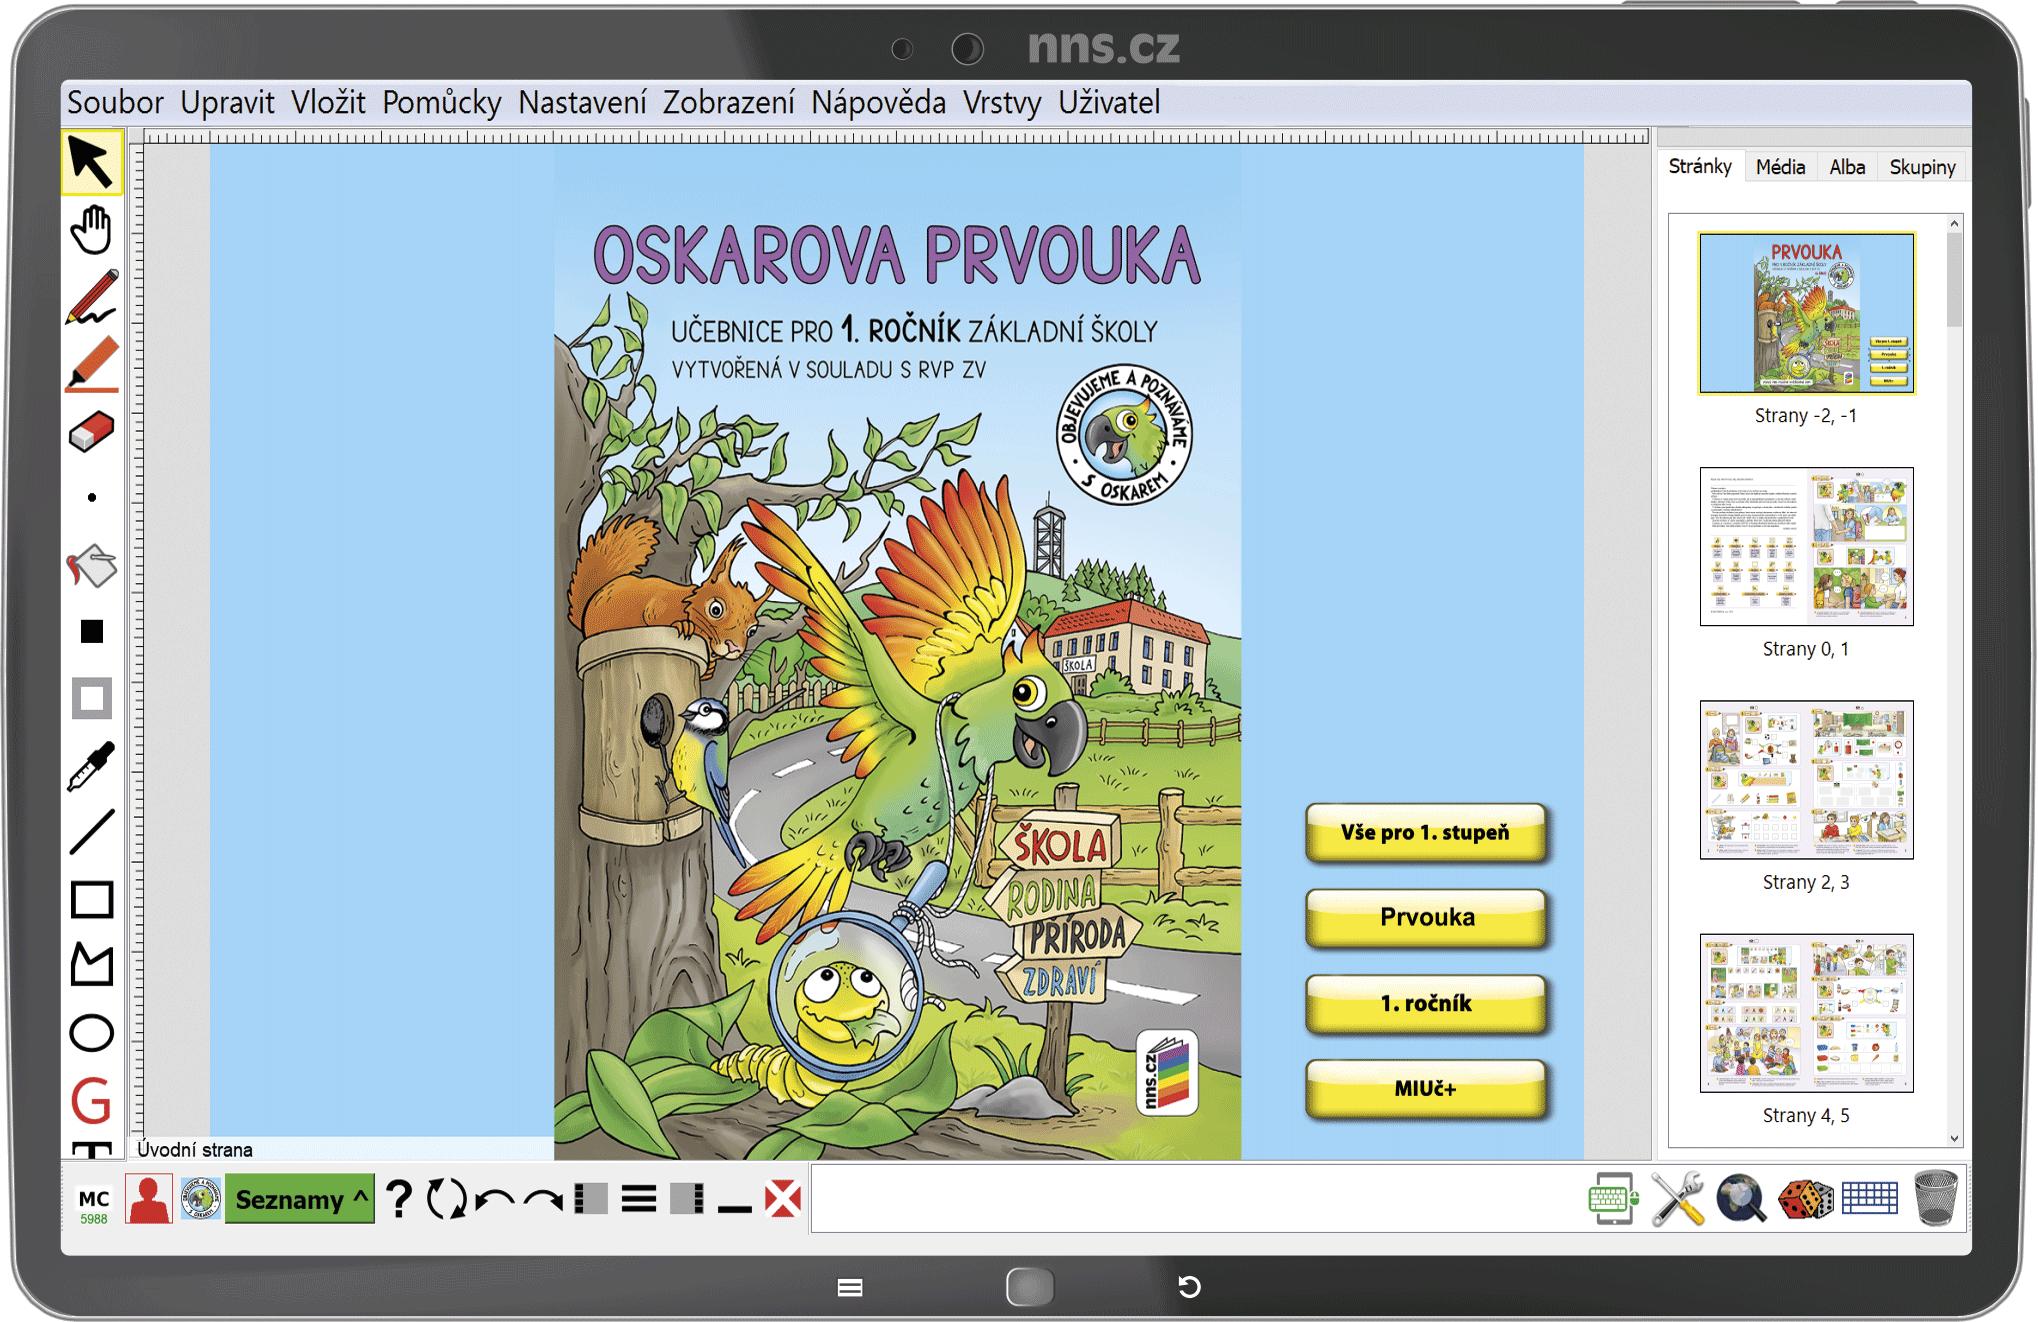 MIUč+ Oskarova prvouka 1 (učebnice)  - žákovská licence na 1 školní rok